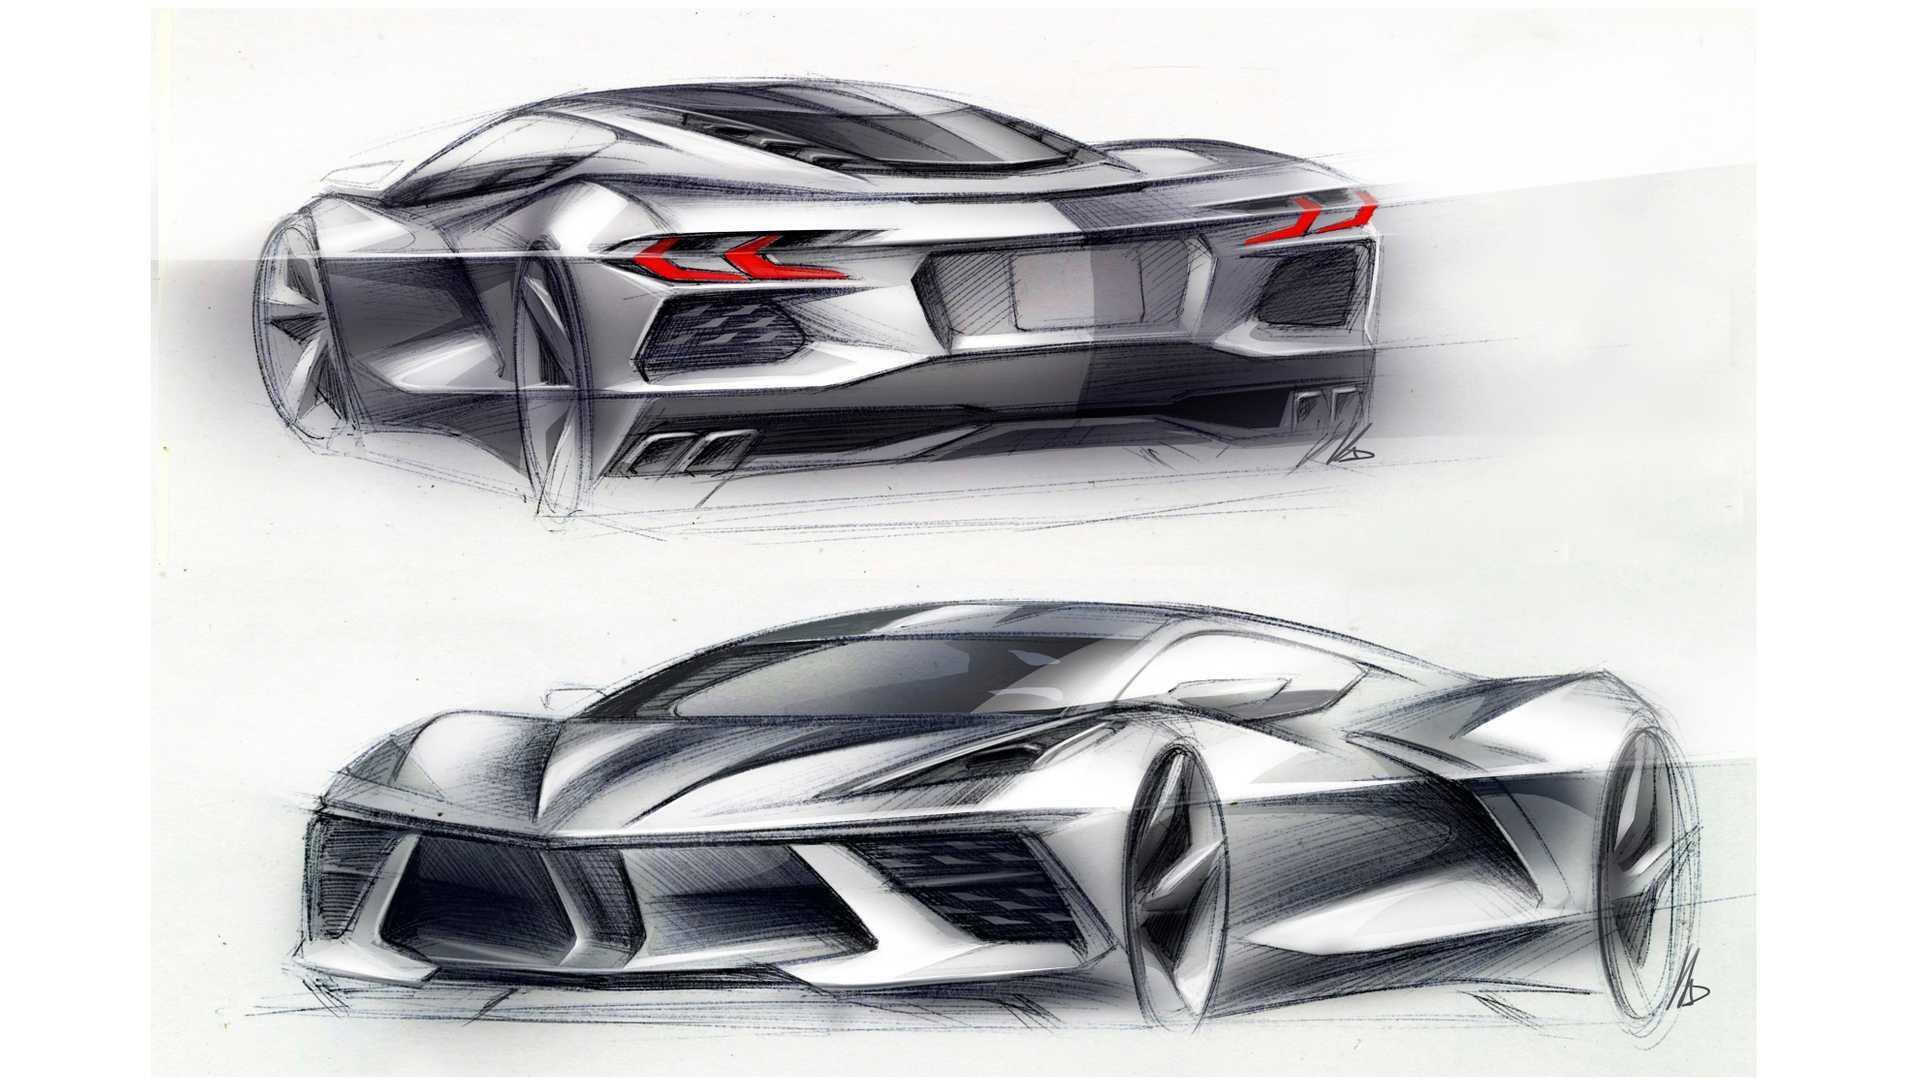 https://cdn.dailyxe.com.vn/image/chevrolet-corvette-2020-co-mot-so-tinh-nang-an-tuyet-voi-91-94595j2.jpg